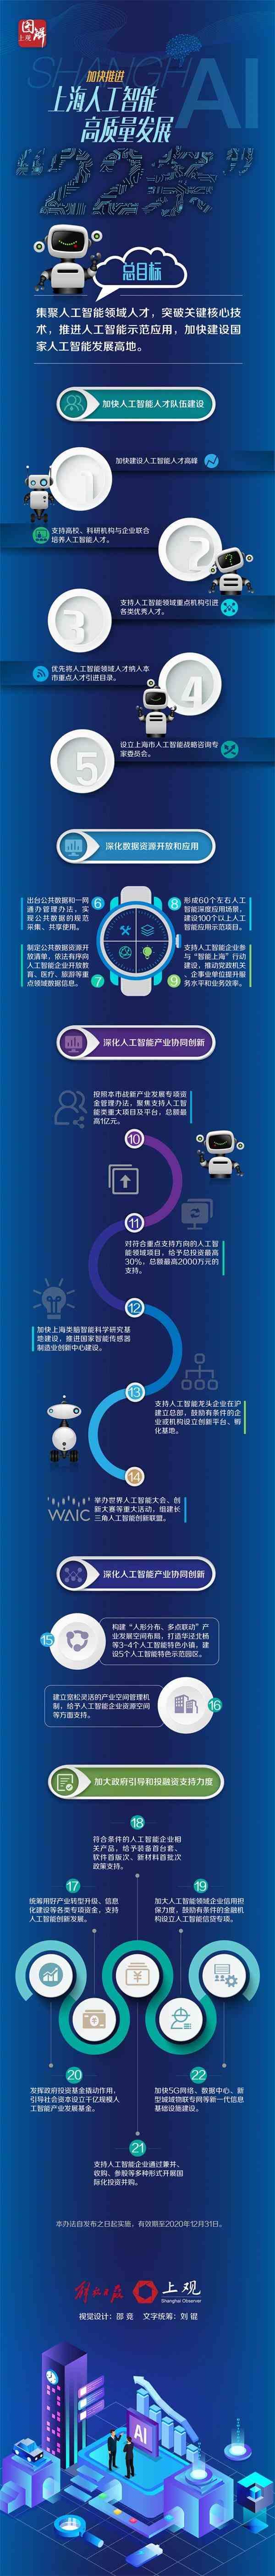 上海推进人工智能发展再出新政 发布22条举措